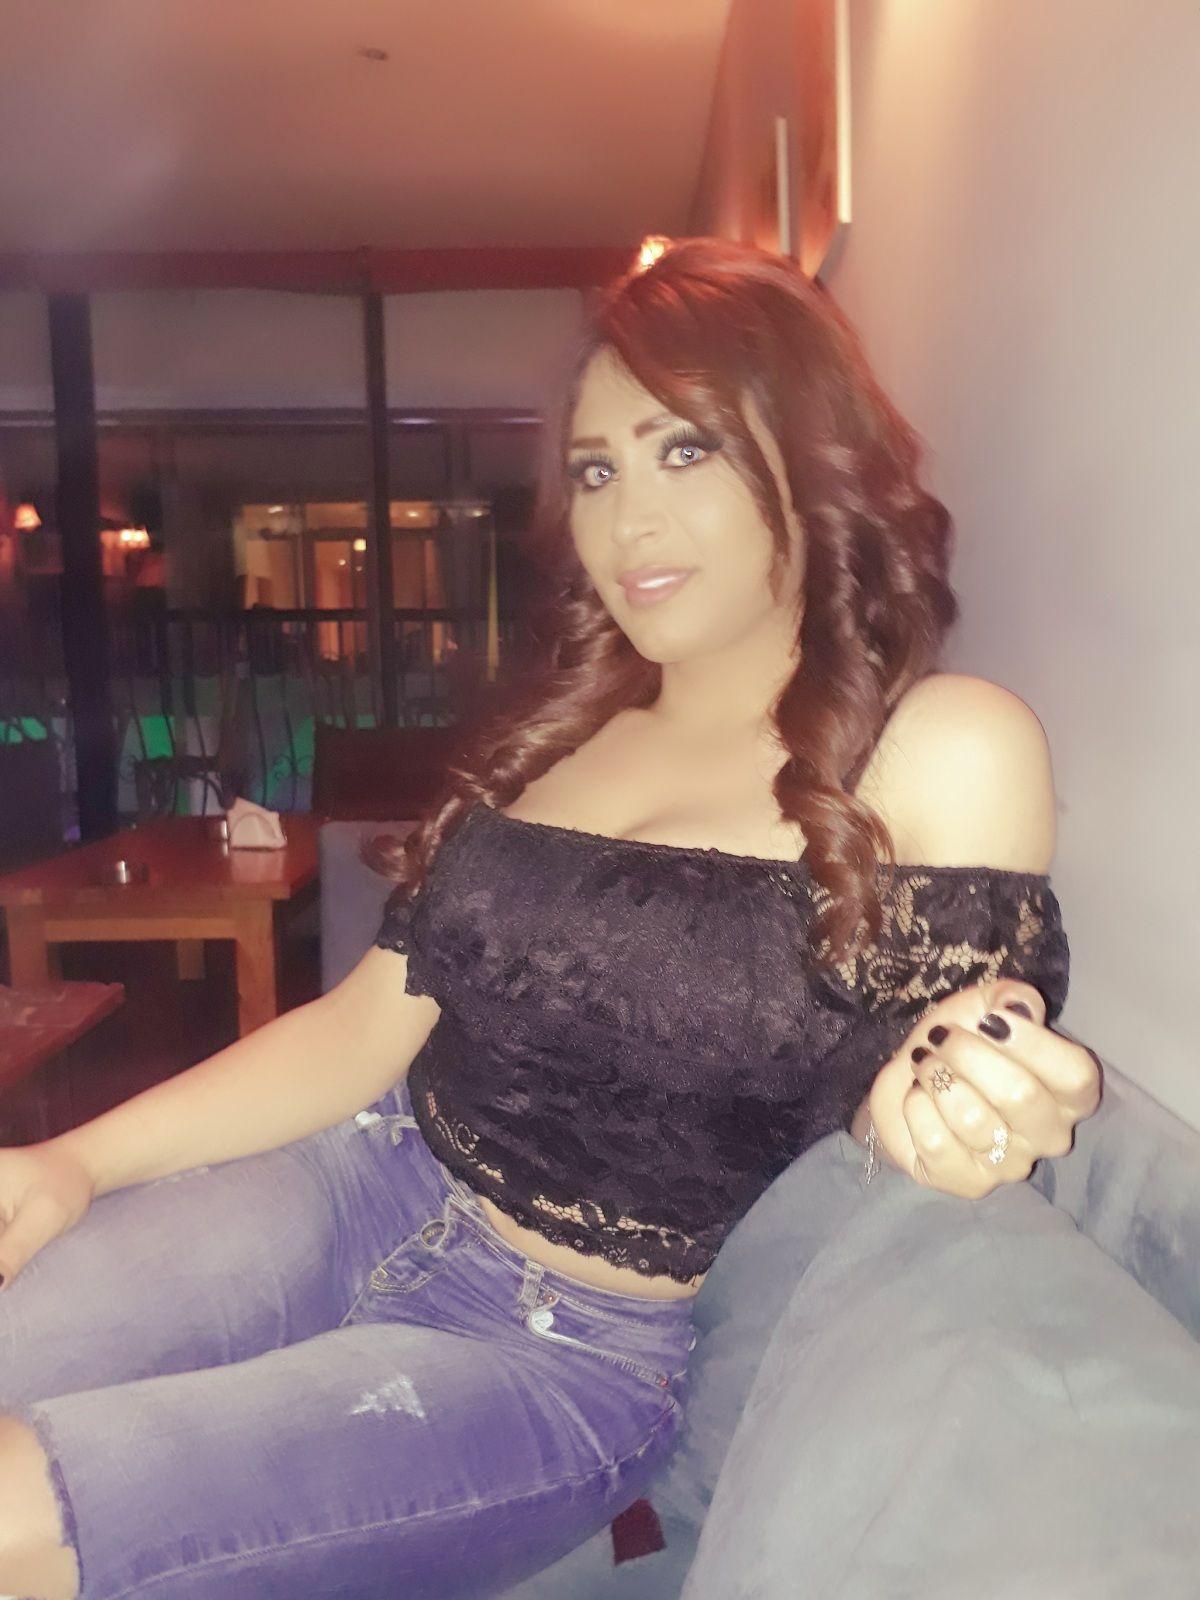 online escort service afghan sex